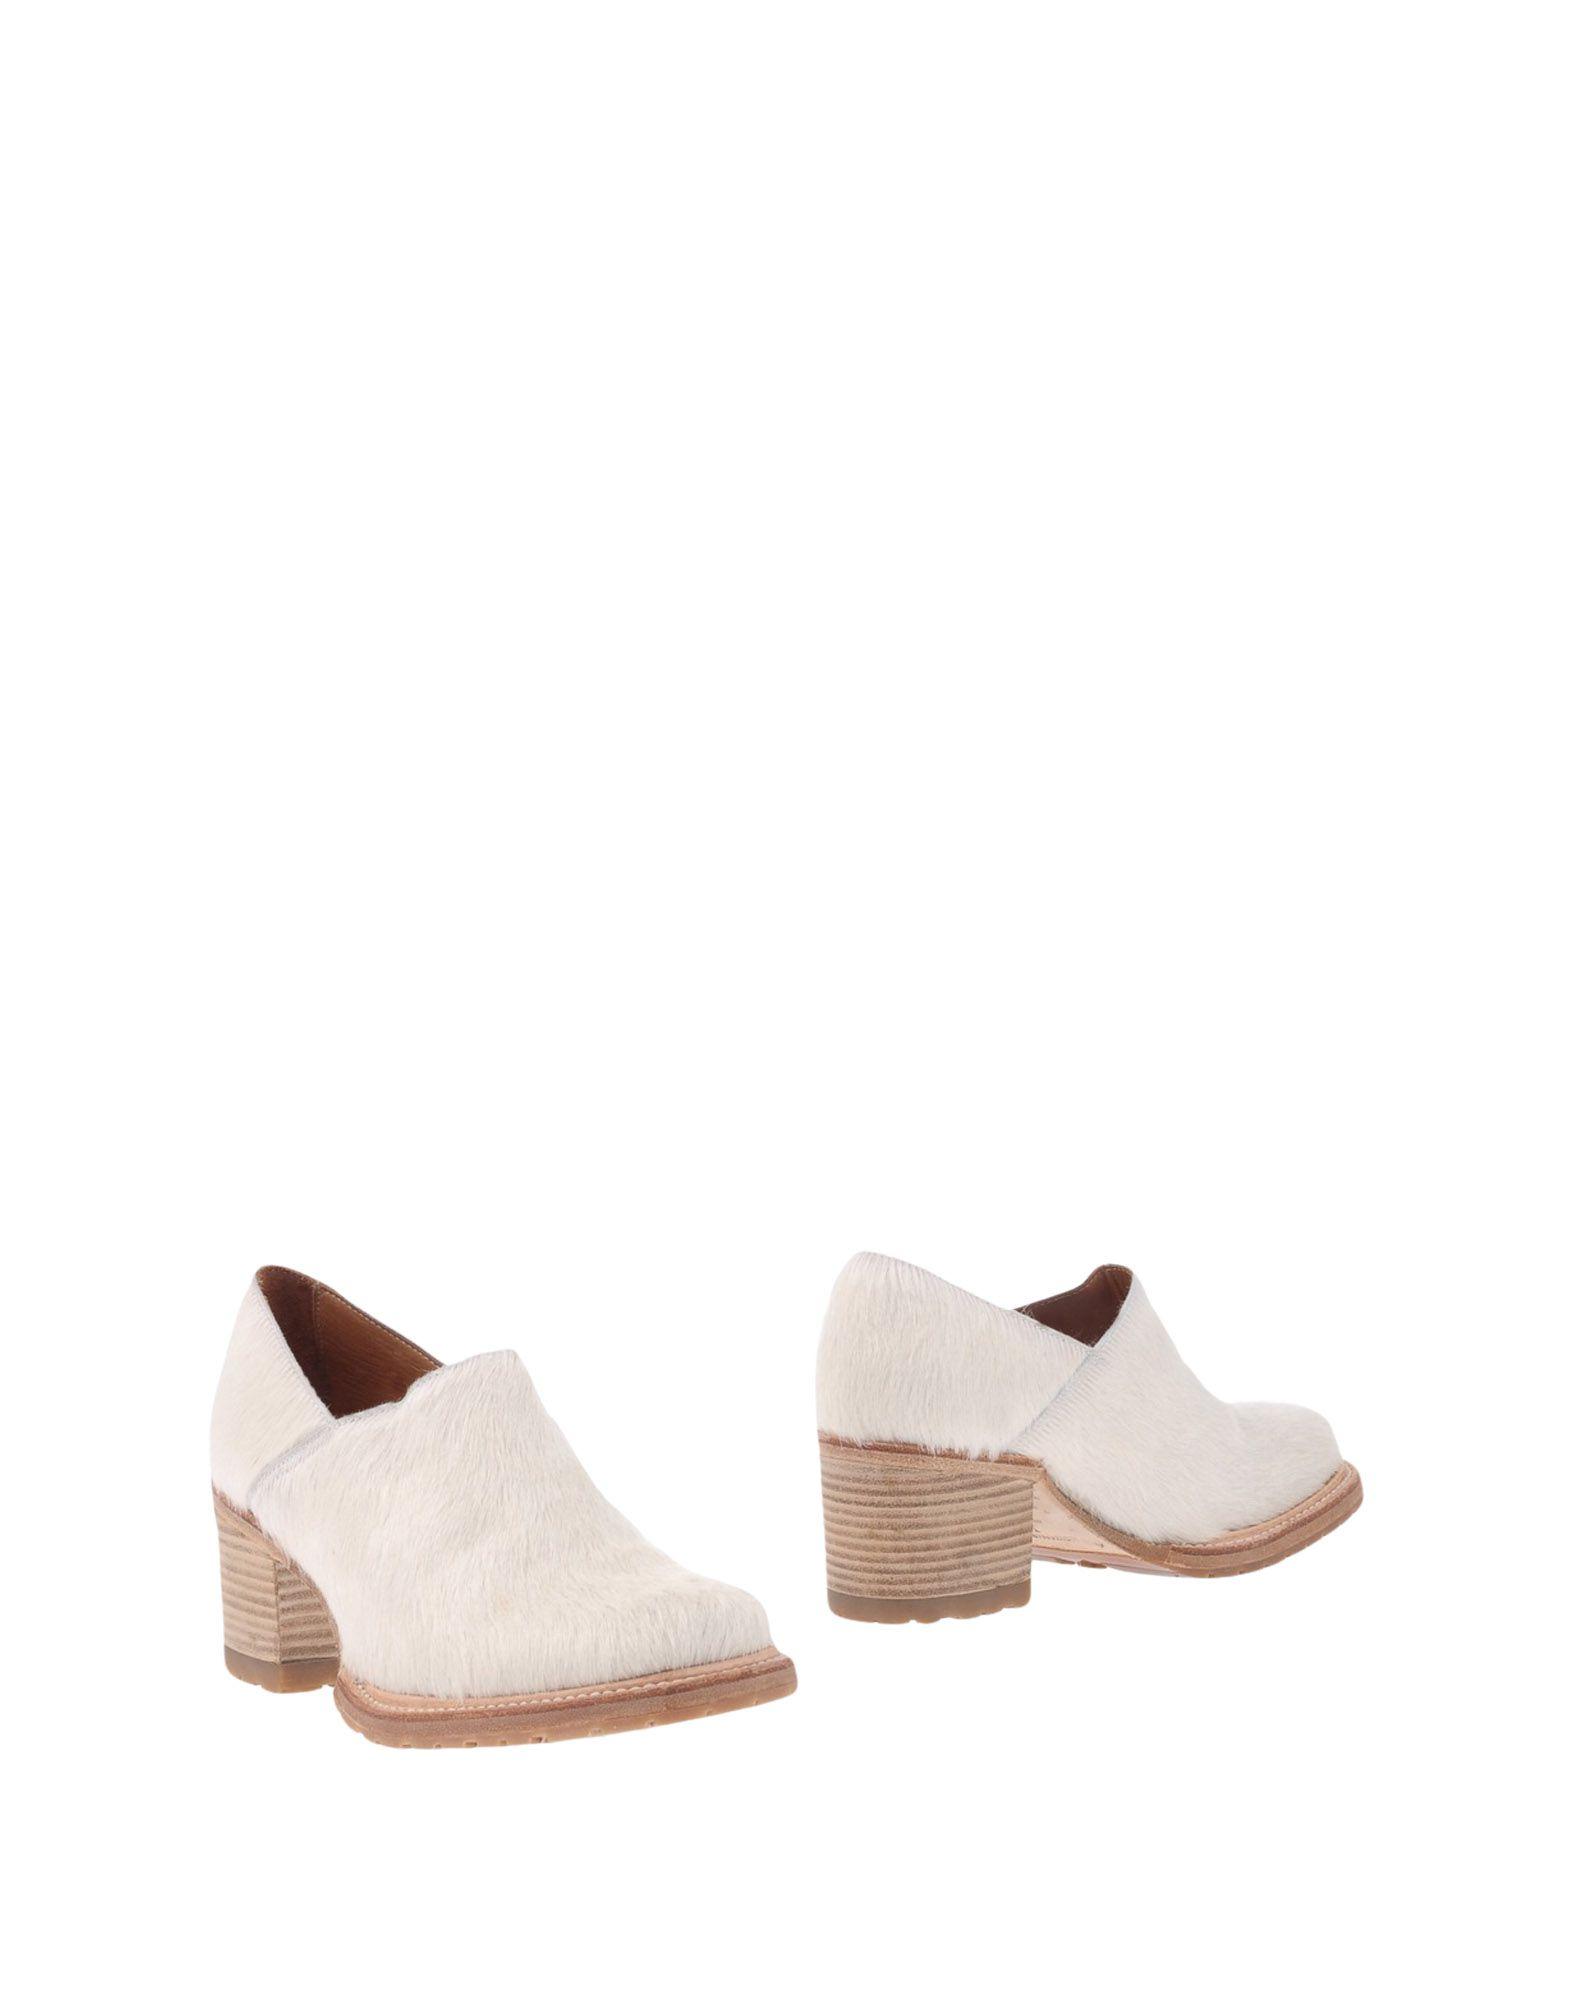 Eckhaus Latta Stiefelette Damen  11307099XMGünstige gut aussehende Schuhe